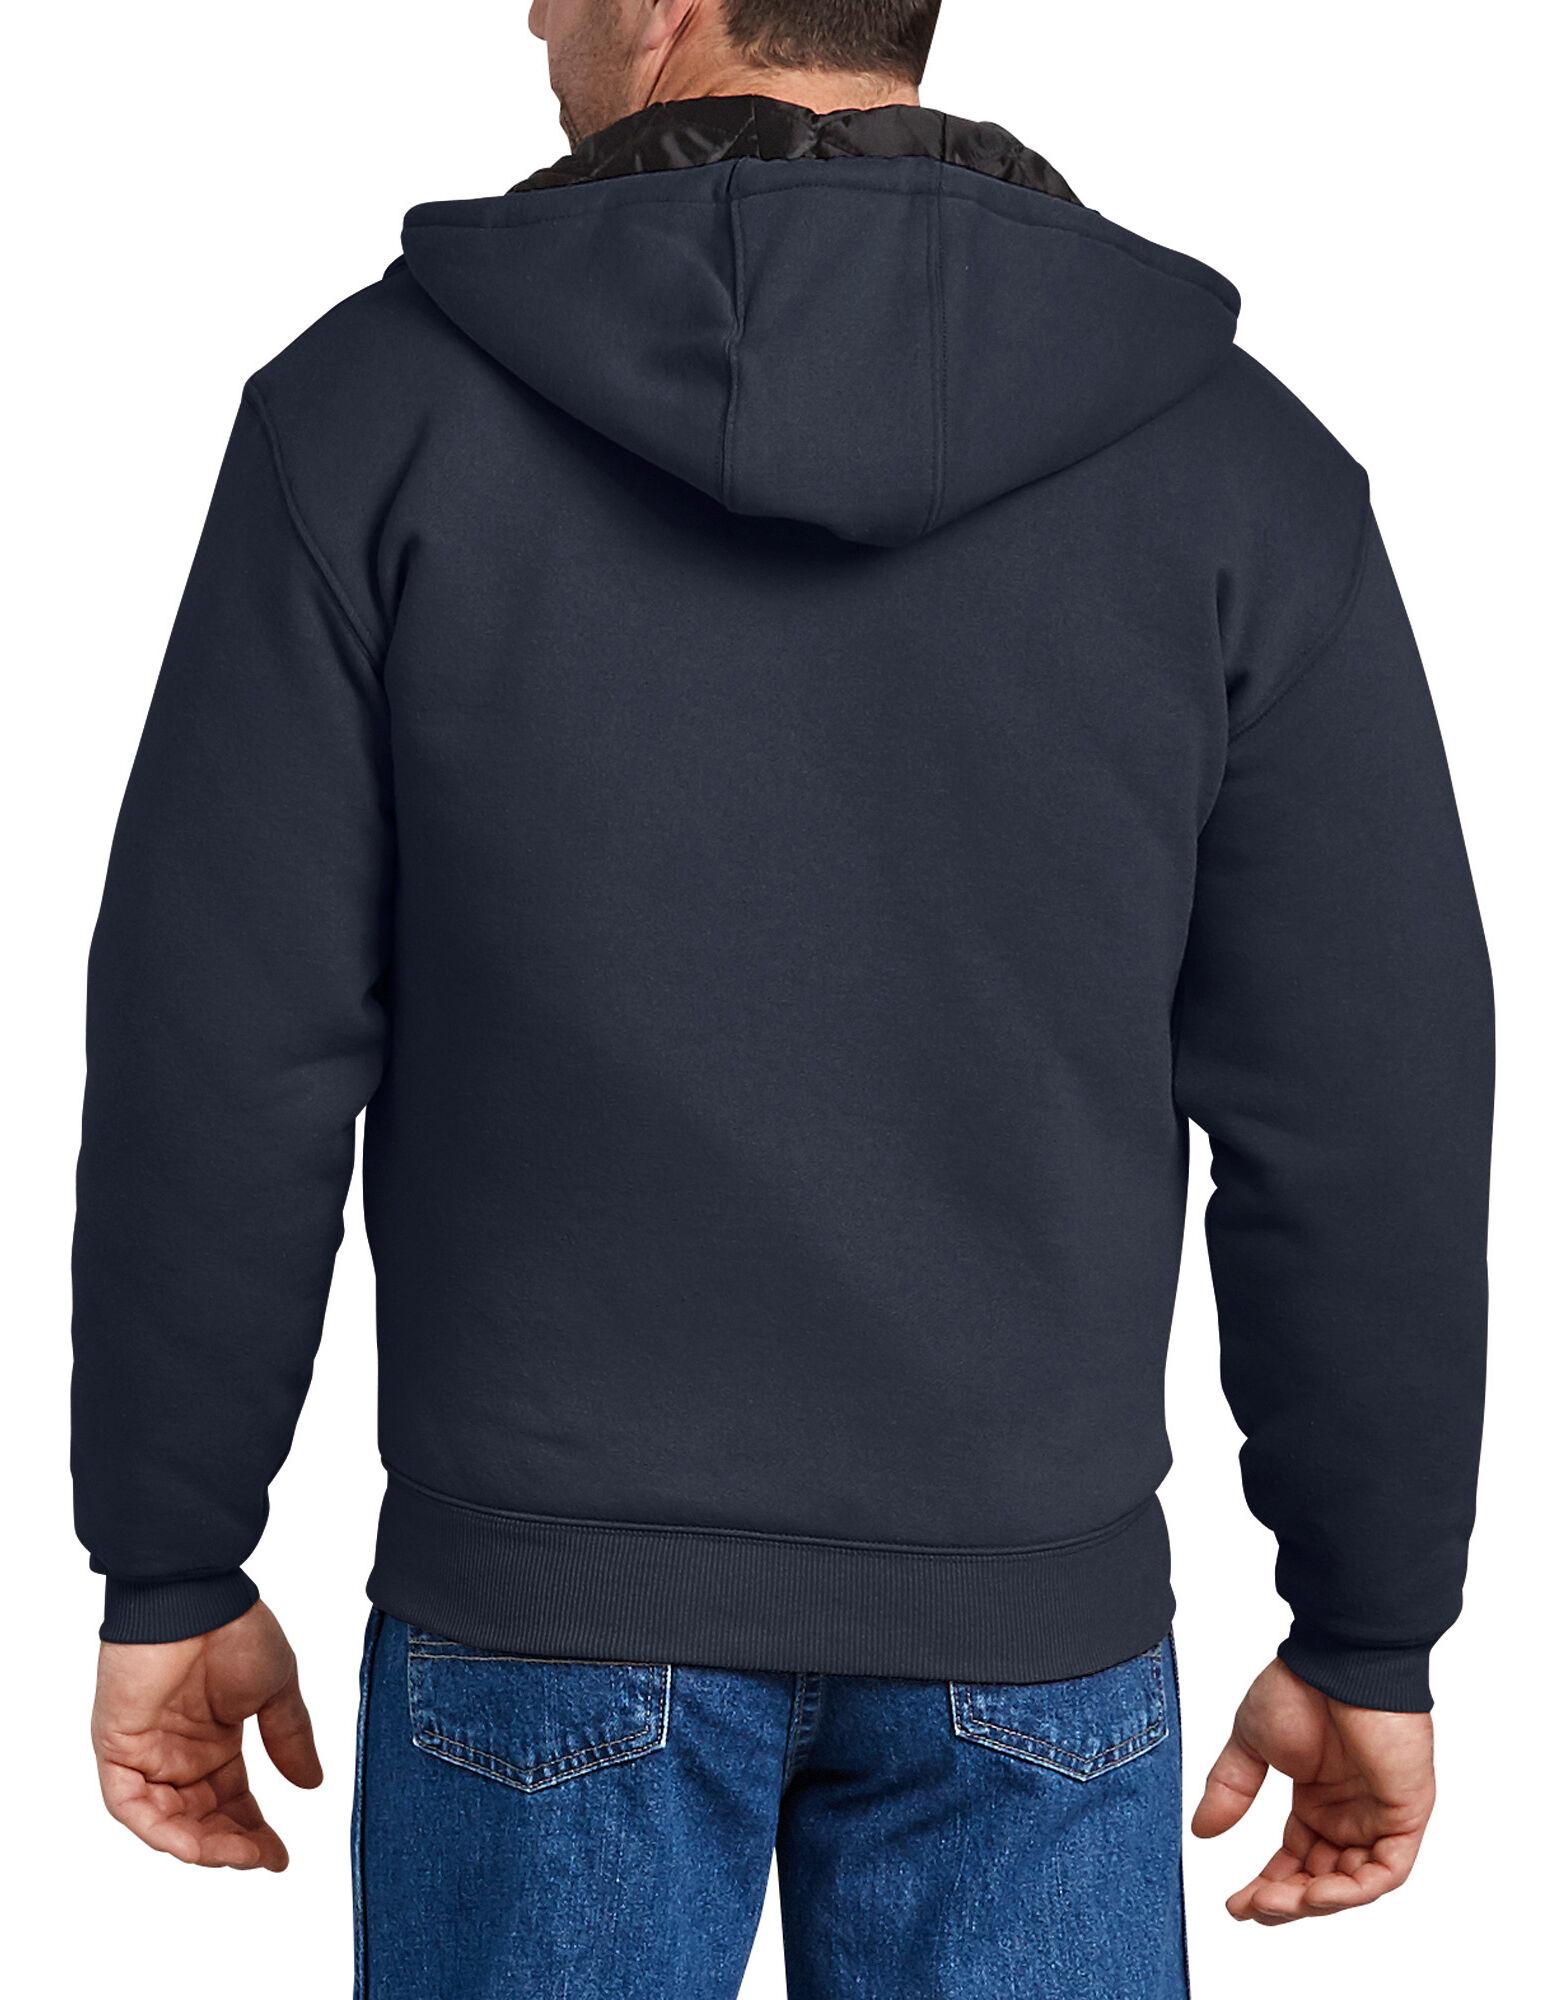 Dickies-Men-039-s-TW394-Heavyweight-Quilted-Fleece-Zip-Up-Hoodie thumbnail 9